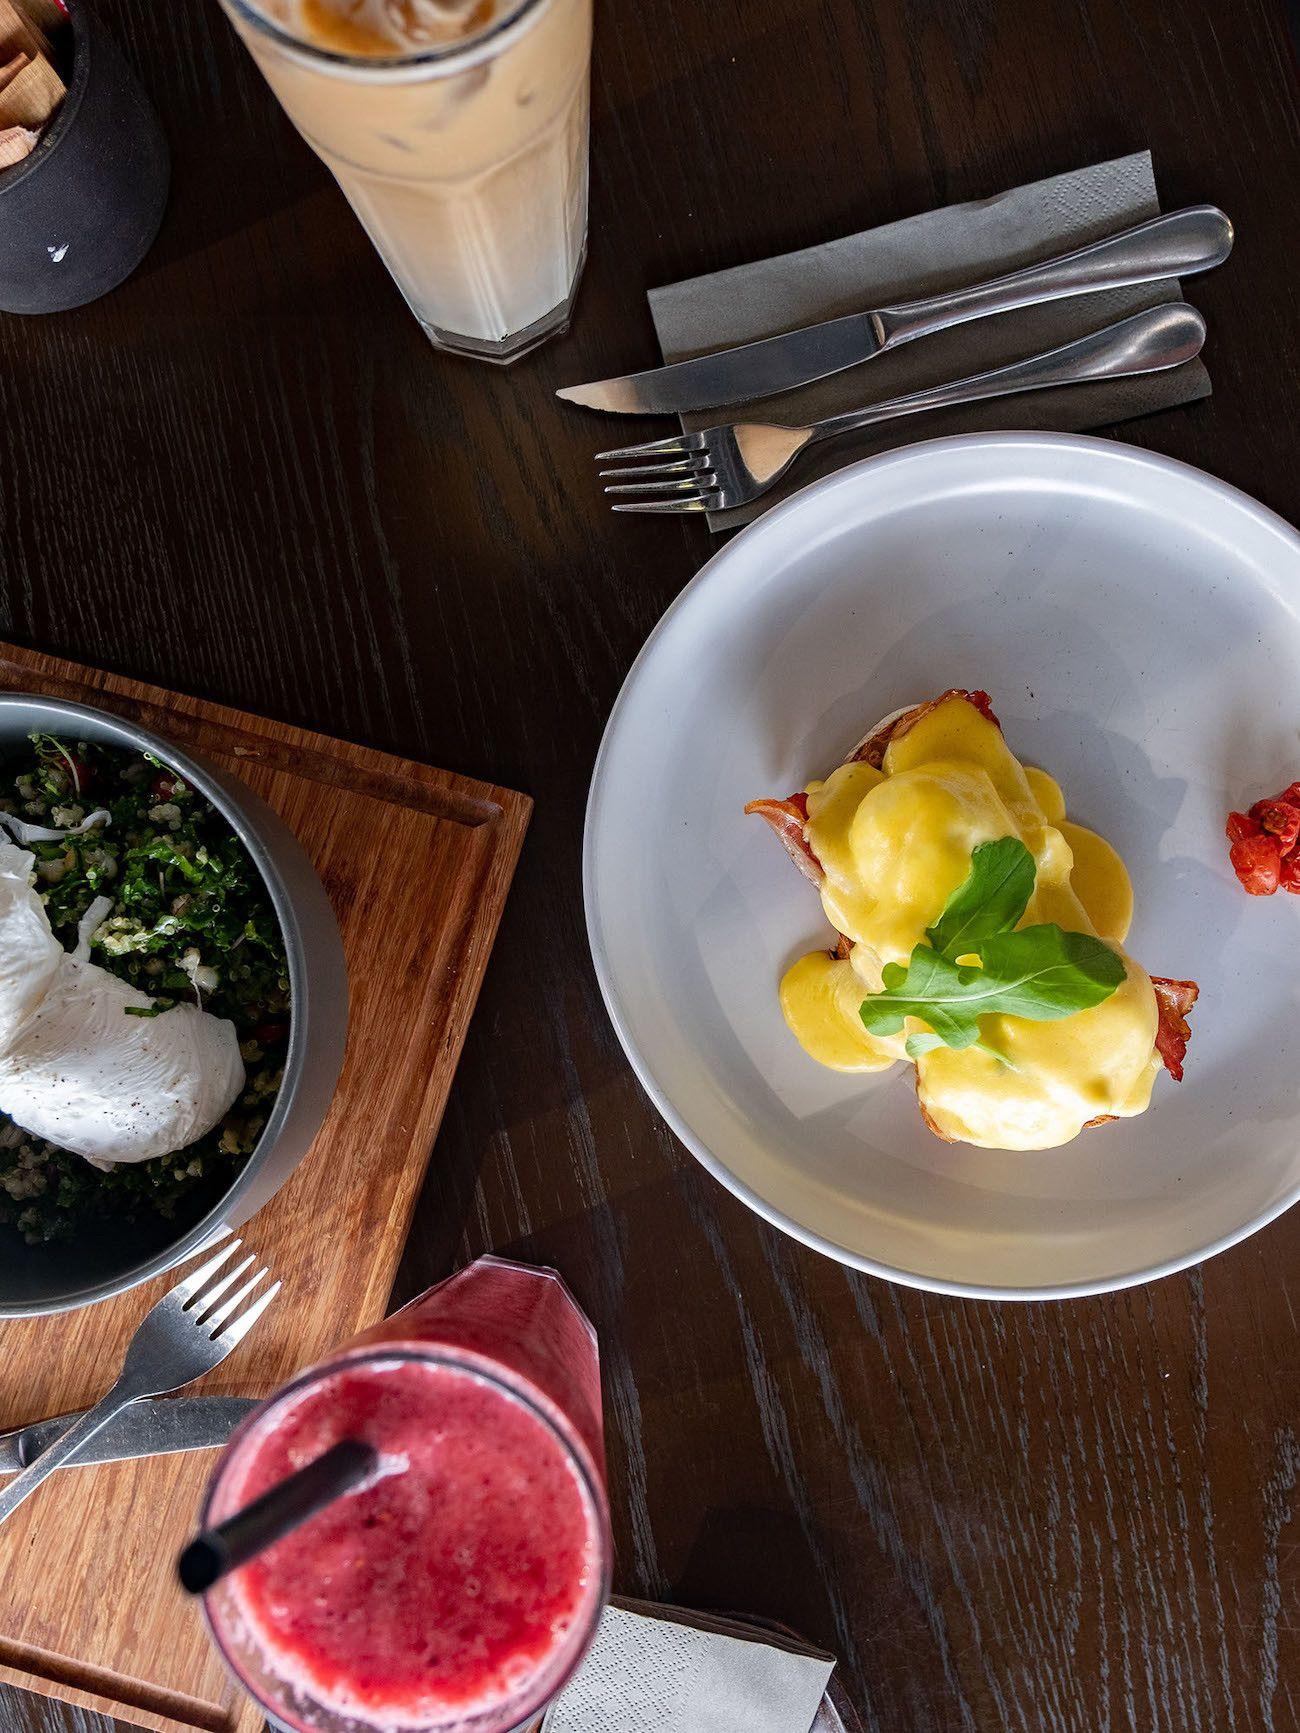 Frühstücks - und Brunch Guide für Kapstadt, Dapper, Eggs Benedict, Smoothie, Breakfast Bowl